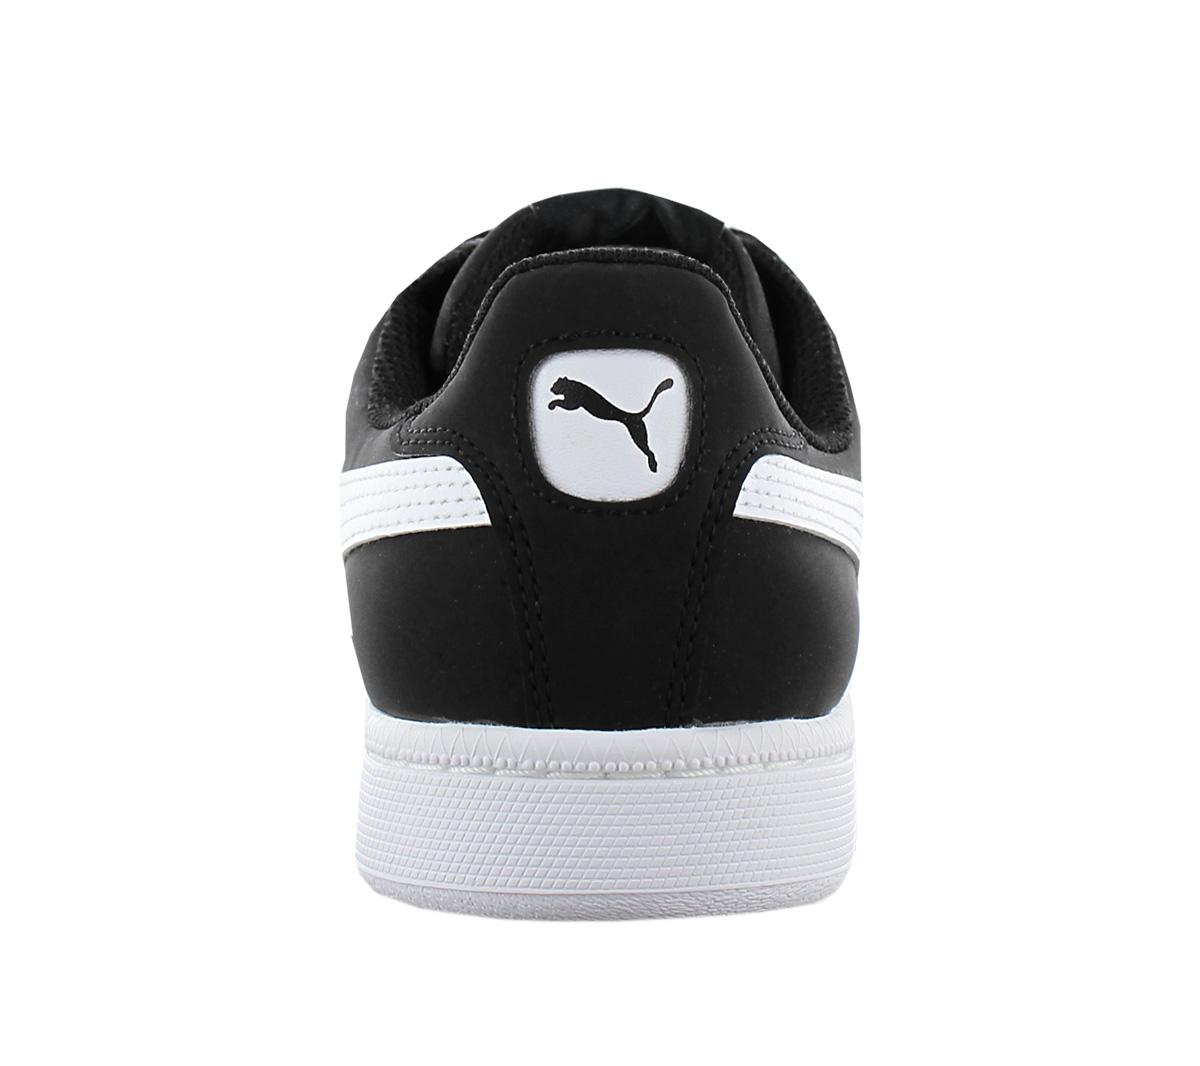 1423f9aa6504b3 Puma Smash Buck Herren Sneaker Schuhe Freizeit Schwarz Turnschuhe ...